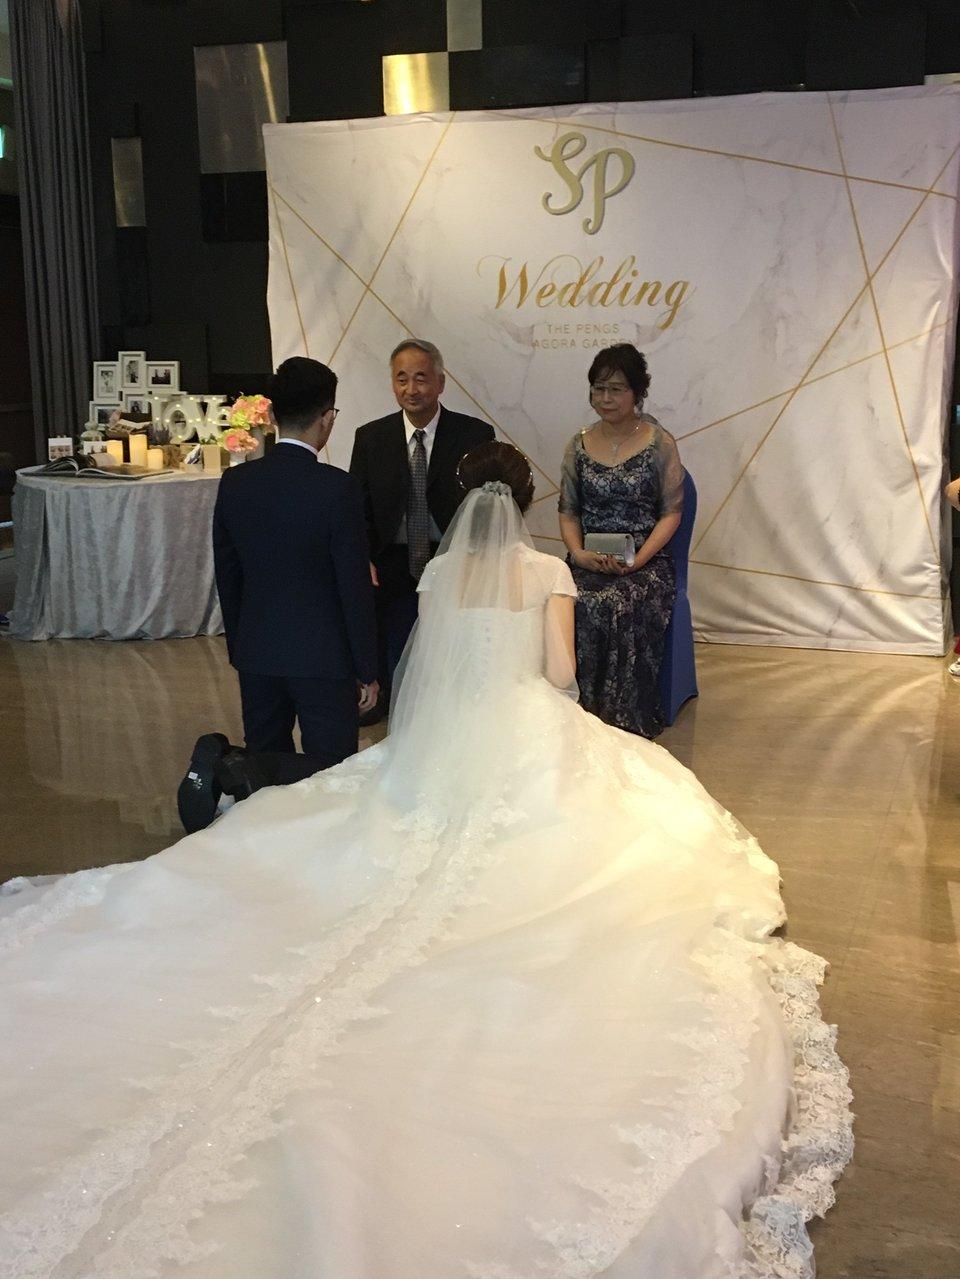 彭園婚宴會館-台北館,彭園企劃團隊給了我一個溫馨的婚宴